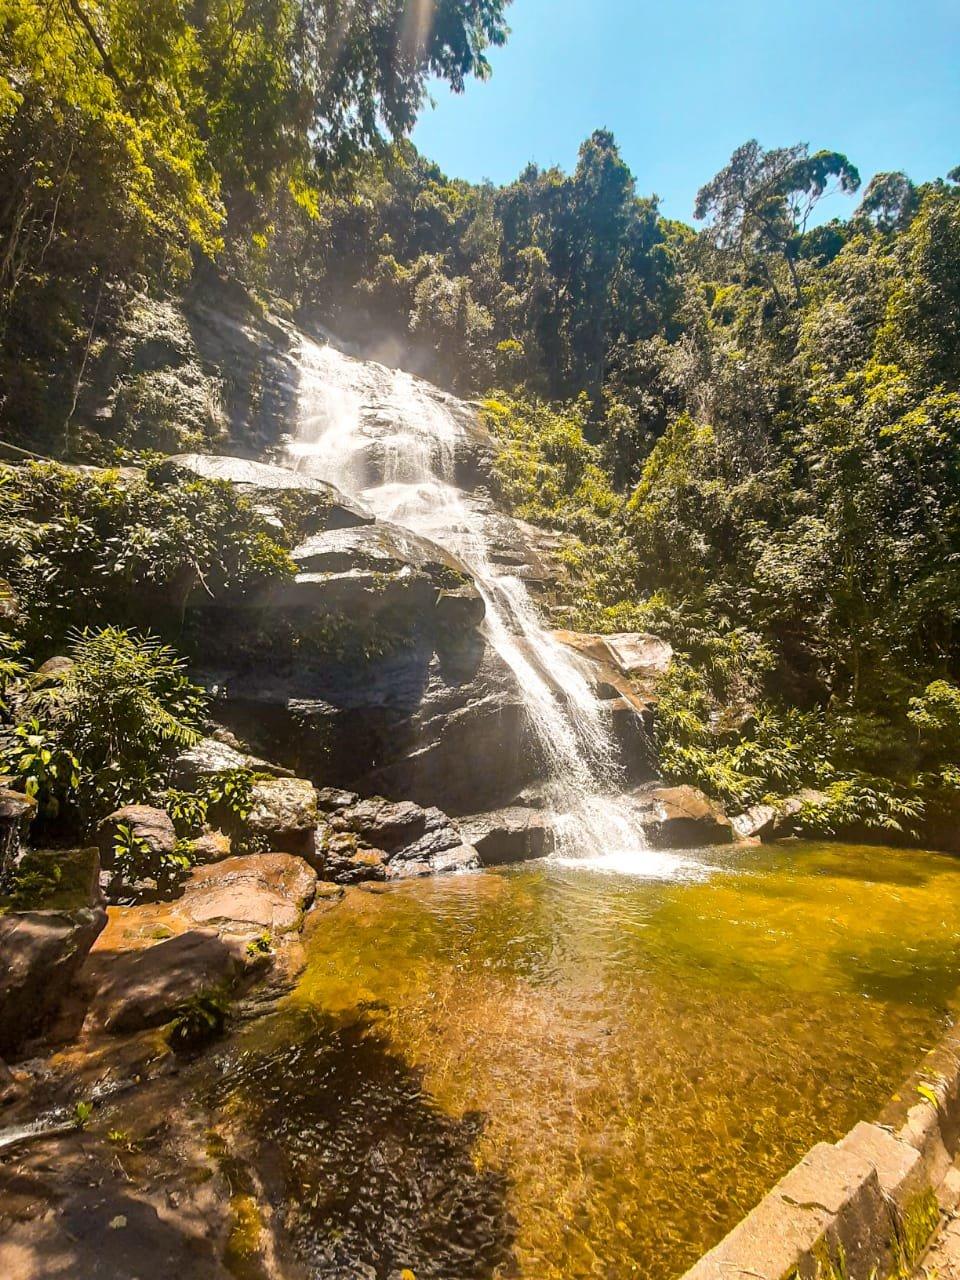 Cascatinha Taunay. A cachoeira possui águas cristalinas de coloração alaranjada e muitas pedras. No centro está a queda d'água com fluxo de água mediano e com muita vegetação ao seu redor. Esta vegetação possui coloração verde escuro, muitas plantas, folhas e cipós.